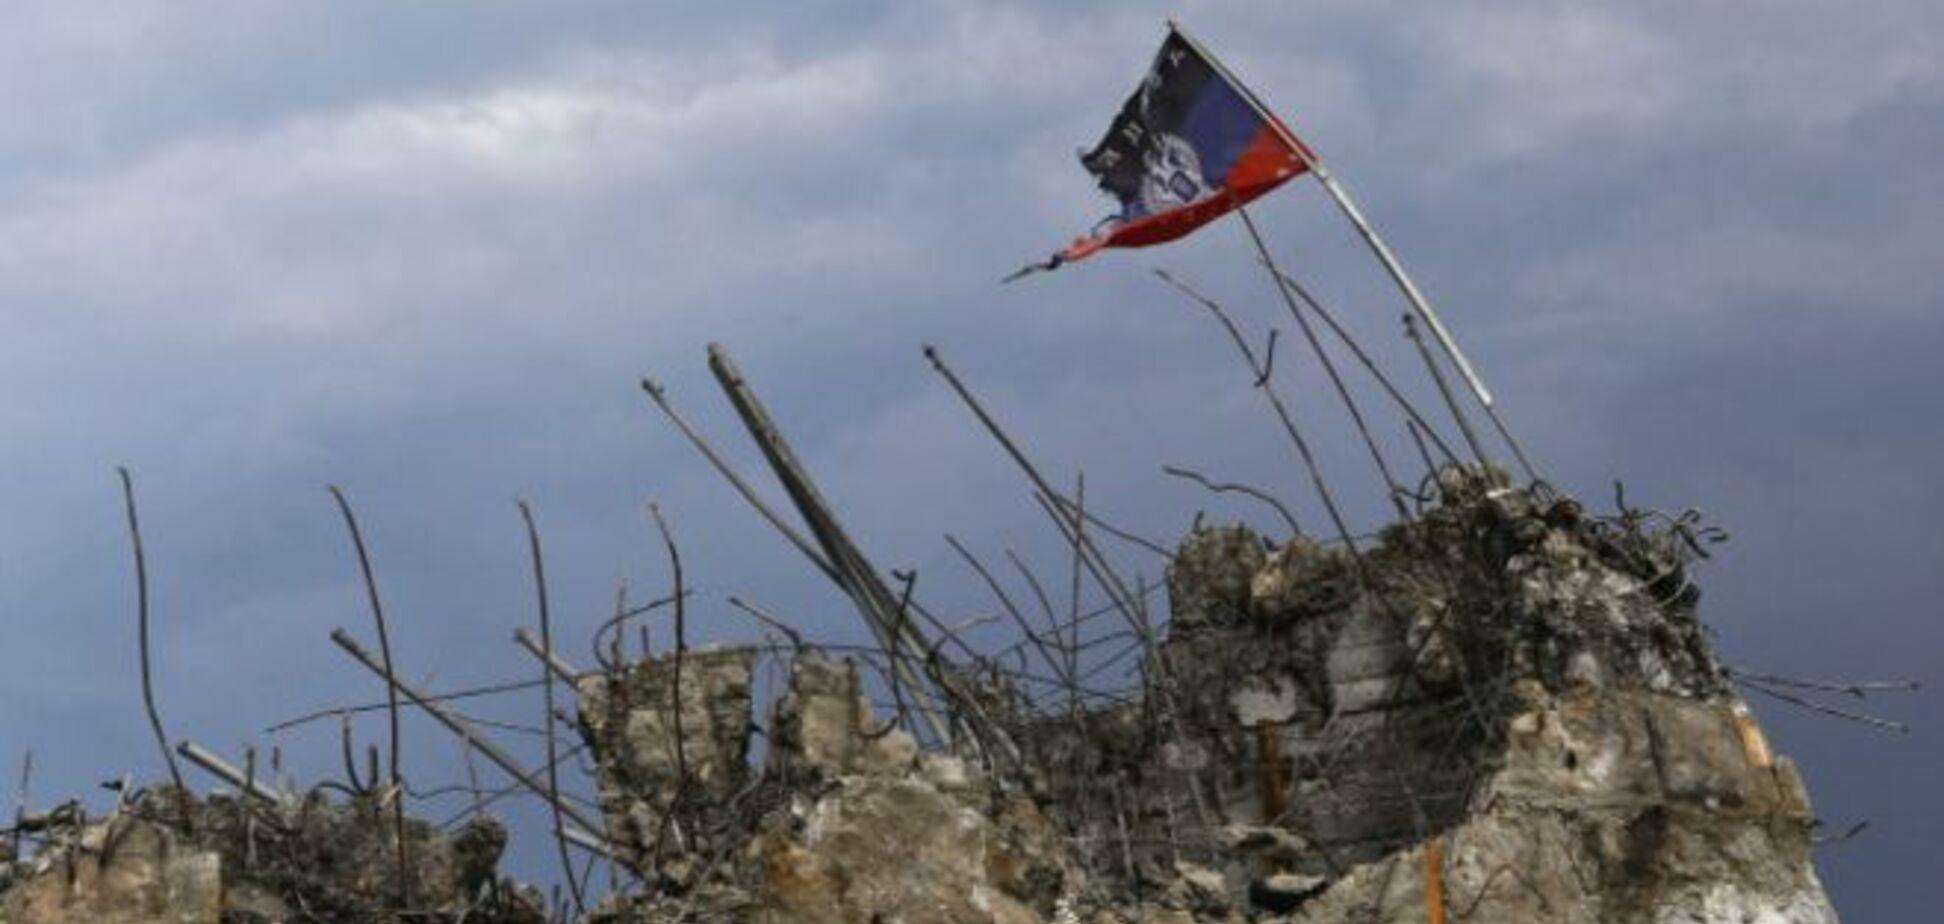 Пропагандистов Путина обстреляли под Донецком